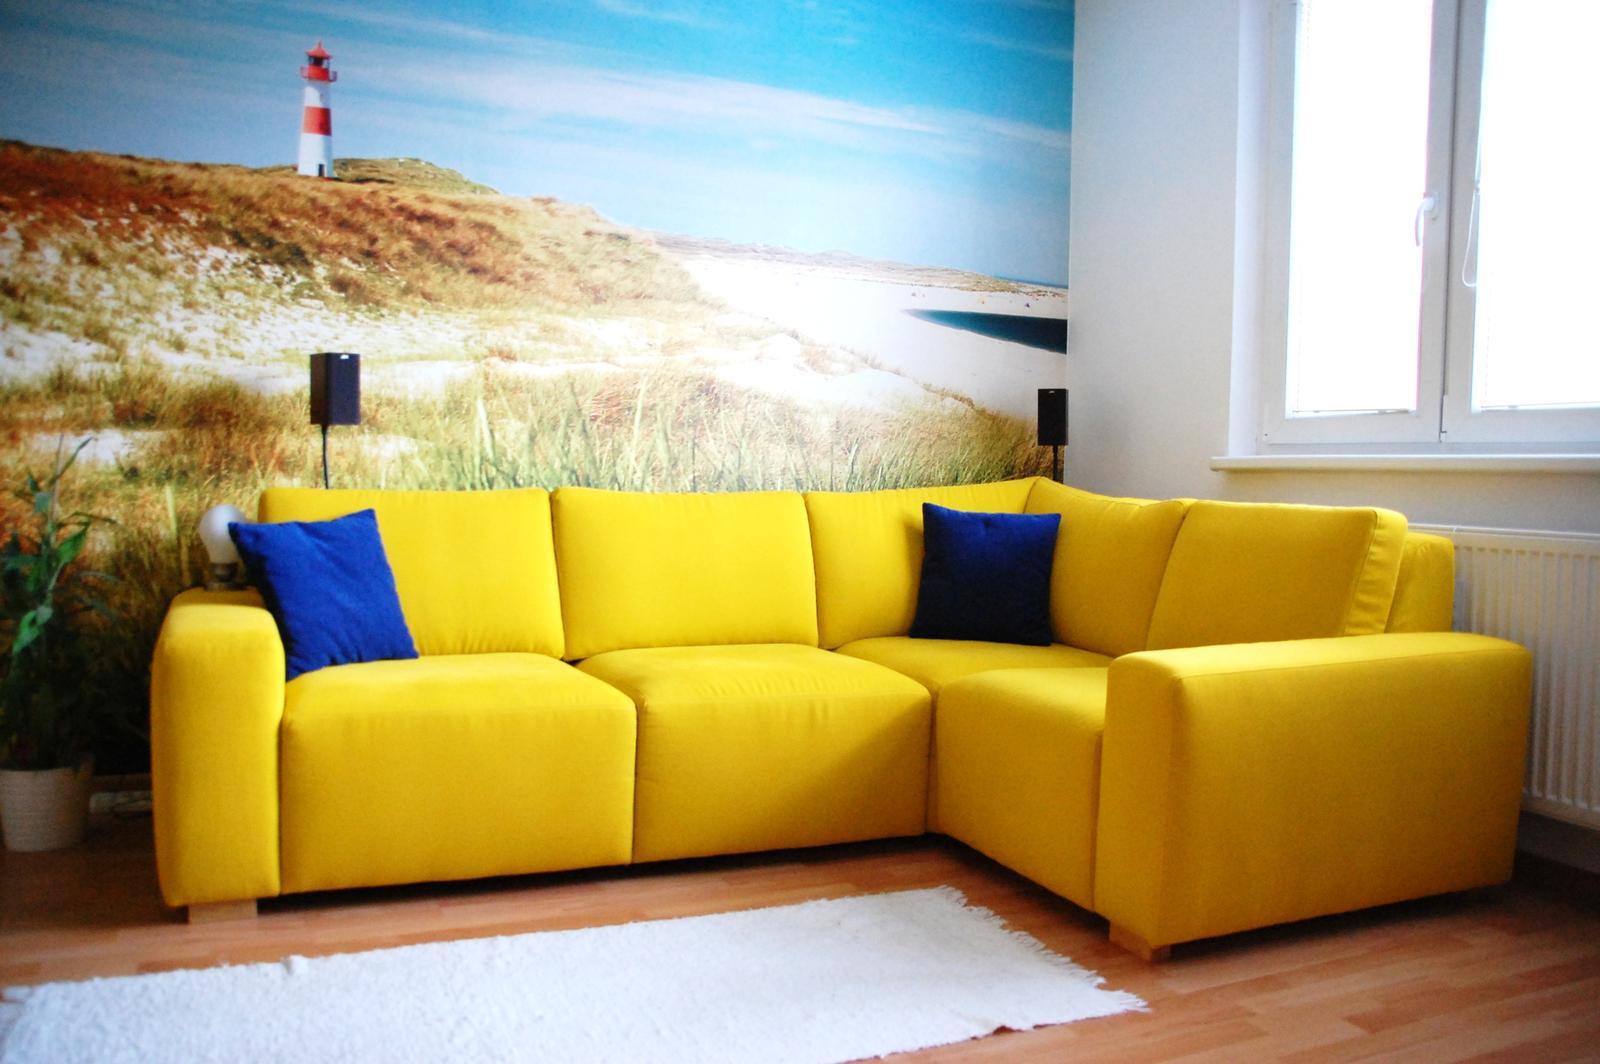 Obývačka bude - lážo plážo relax :-) - Tak konecne lepsie foto :-)... Rozmery sedacky: 2,5x1,7m,  sedacka Eden, www.nesia.sk